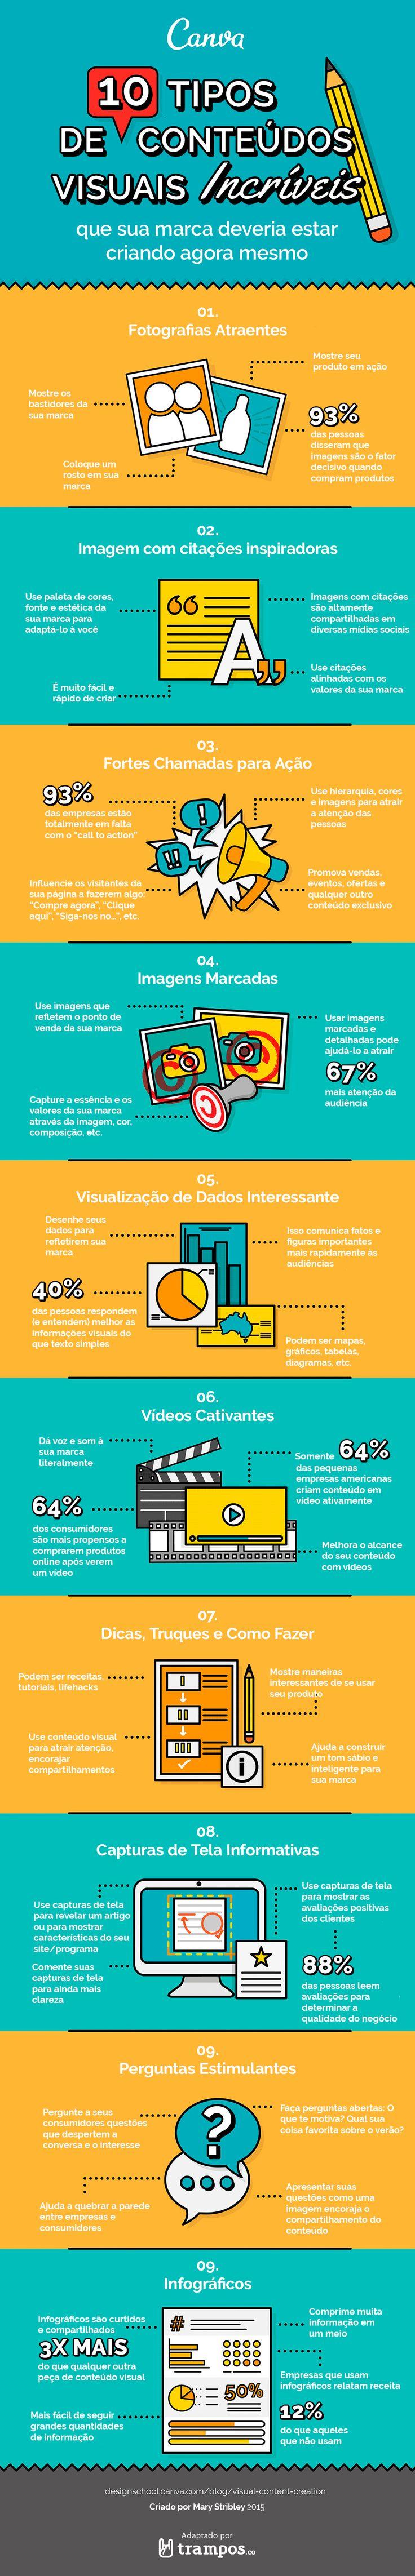 Infográfico: conteúdo visual para fortalecer a sua marca